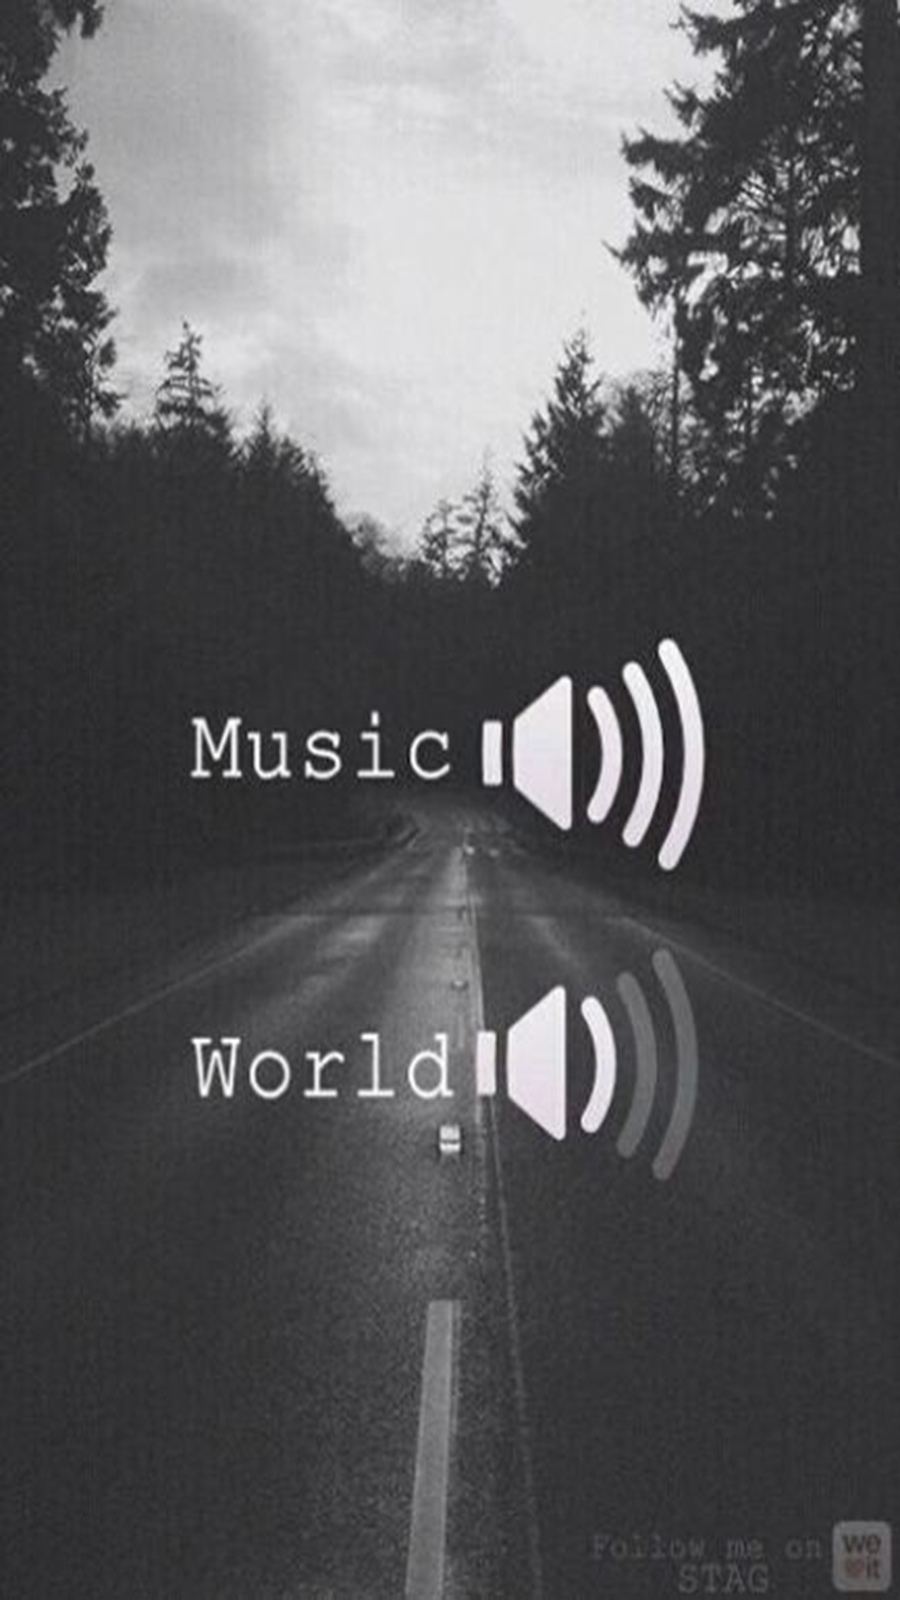 Singing & Music Wallpapers Free Download